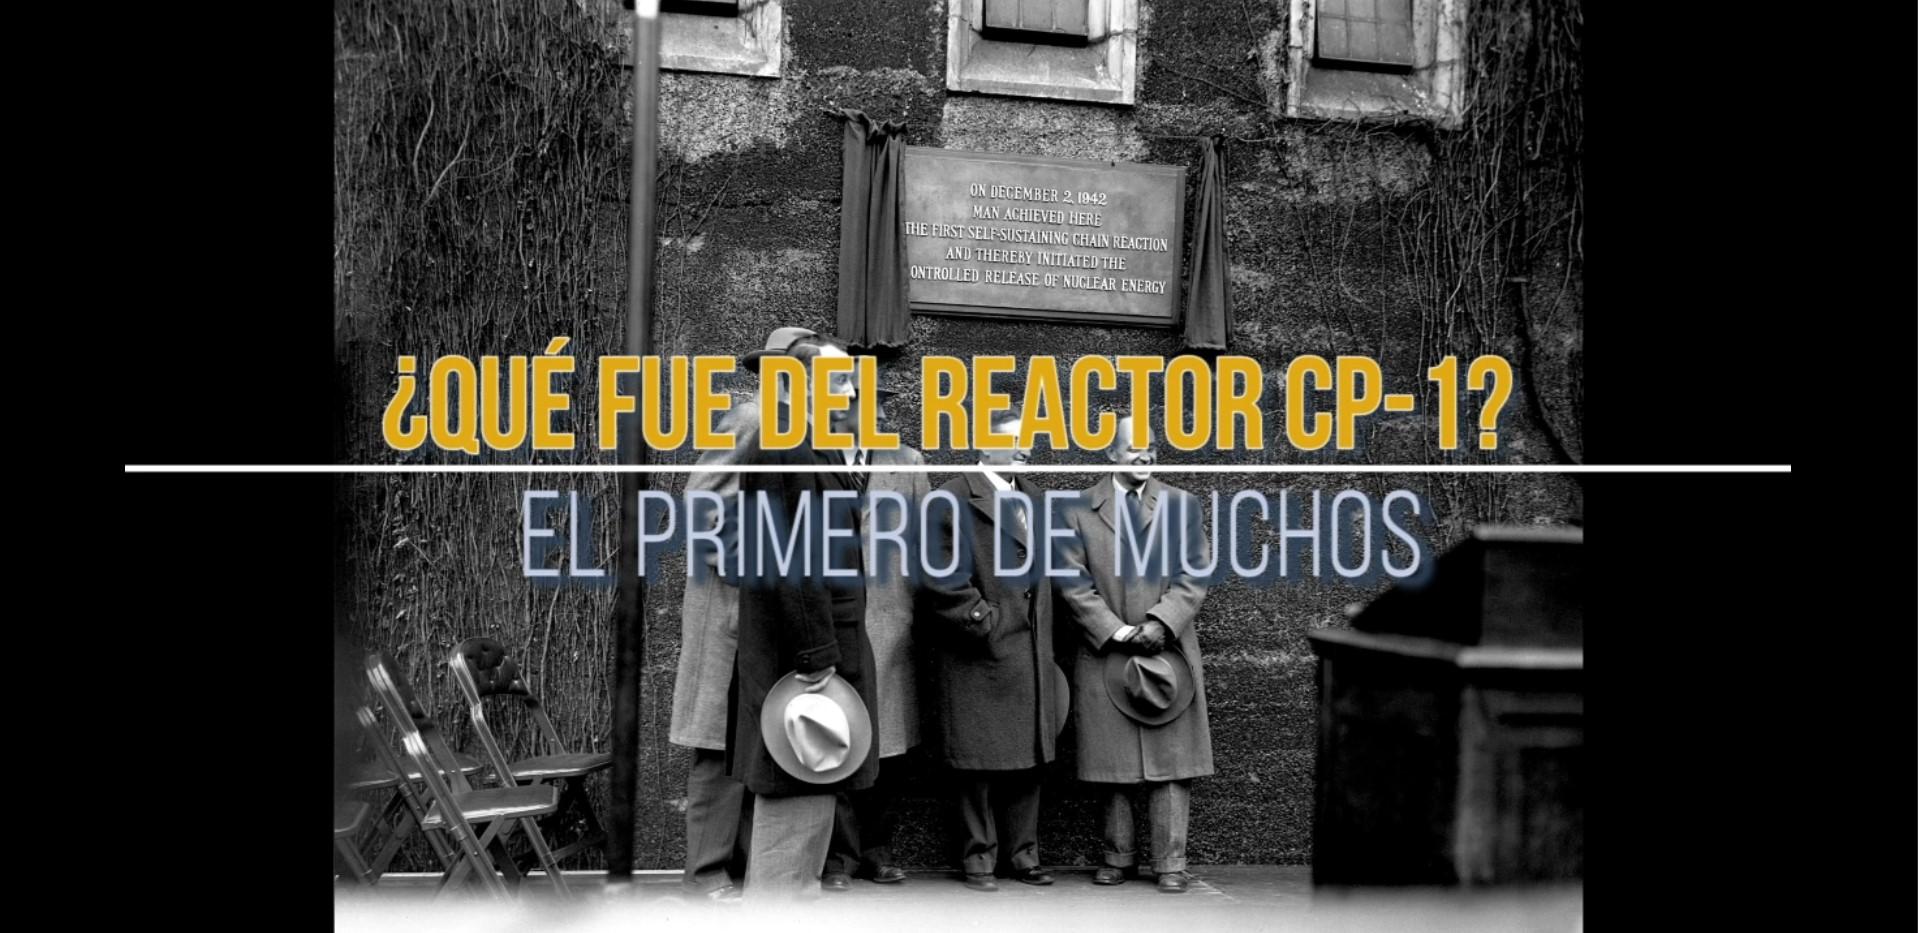 Qué fue del reactor Chicago Pile-1